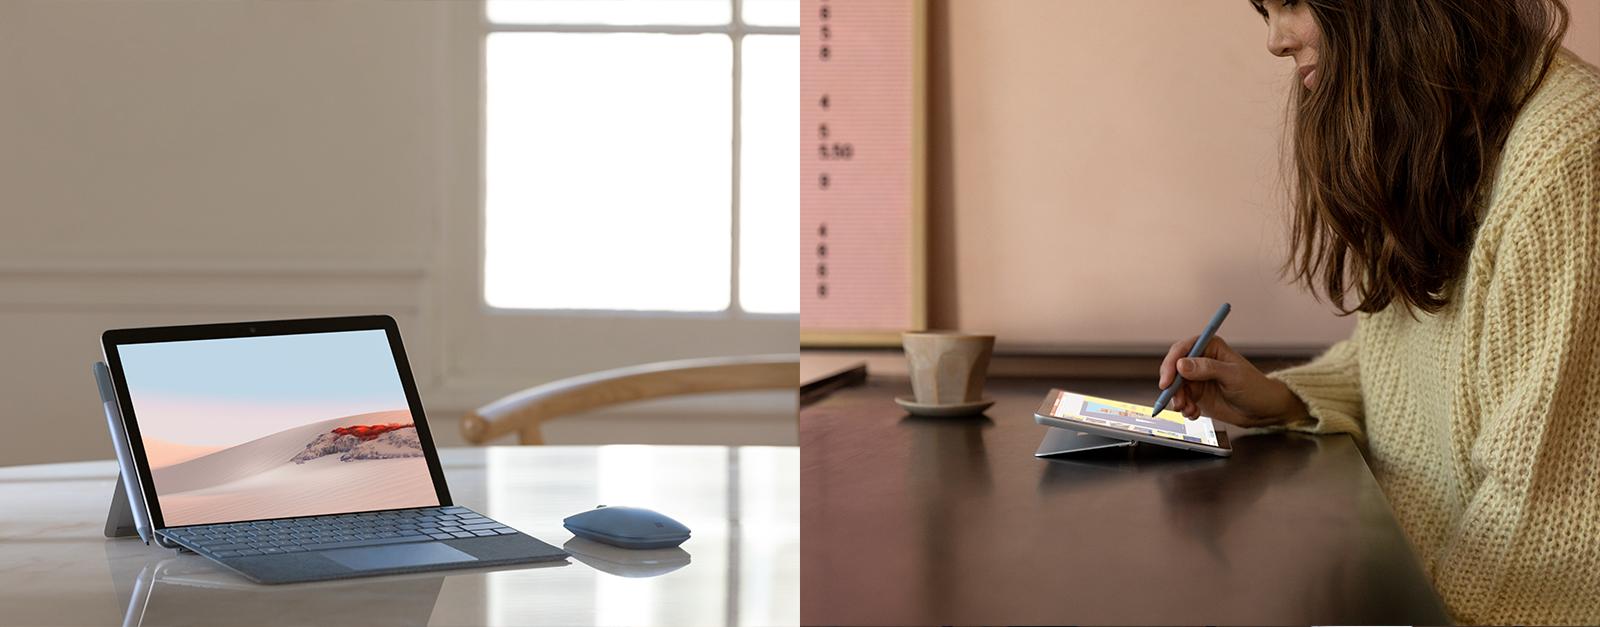 Das Surface Go 2 steht auf einem Tisch und eine Frau arbeitet mit dem Surface Stift auf einem Surface Go 2